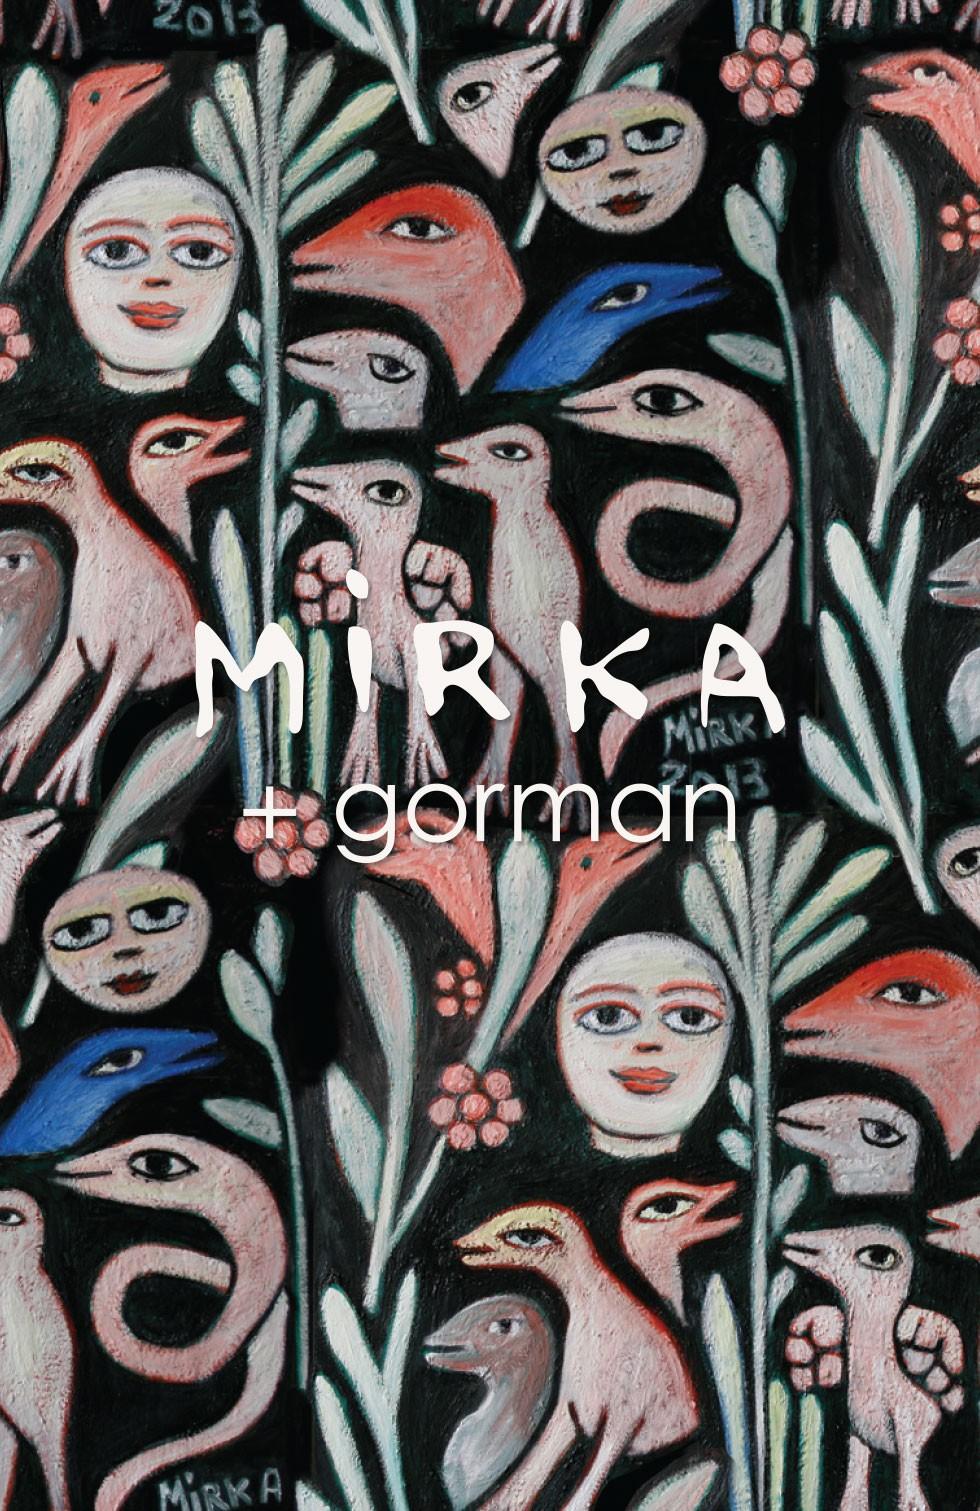 mirka-mora-gorman-18